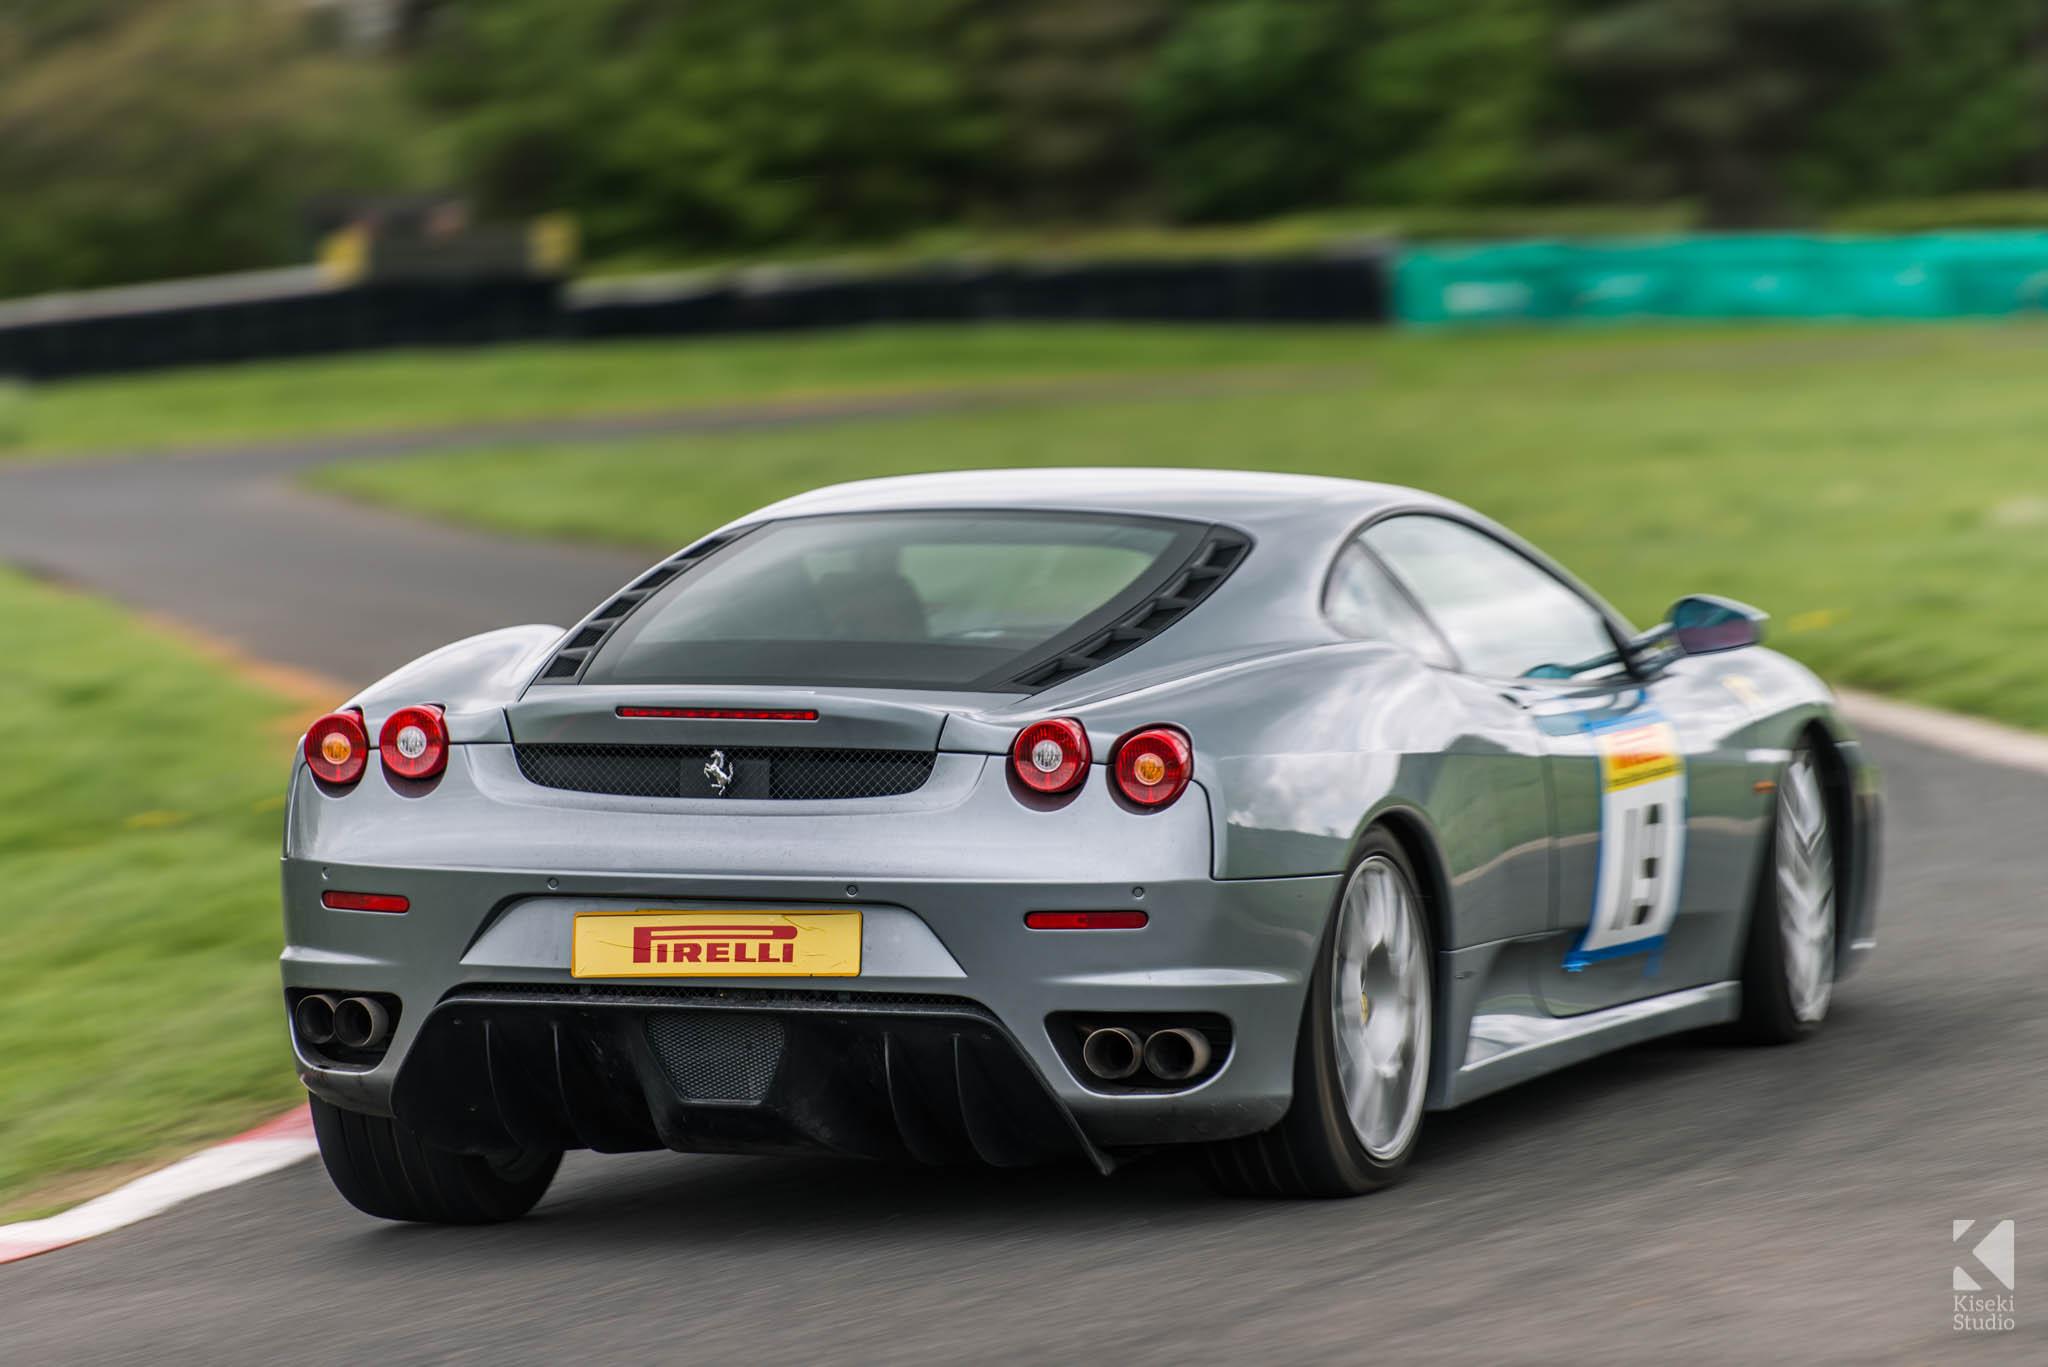 Ferrari F430 - Harewood Speed Hillclimb